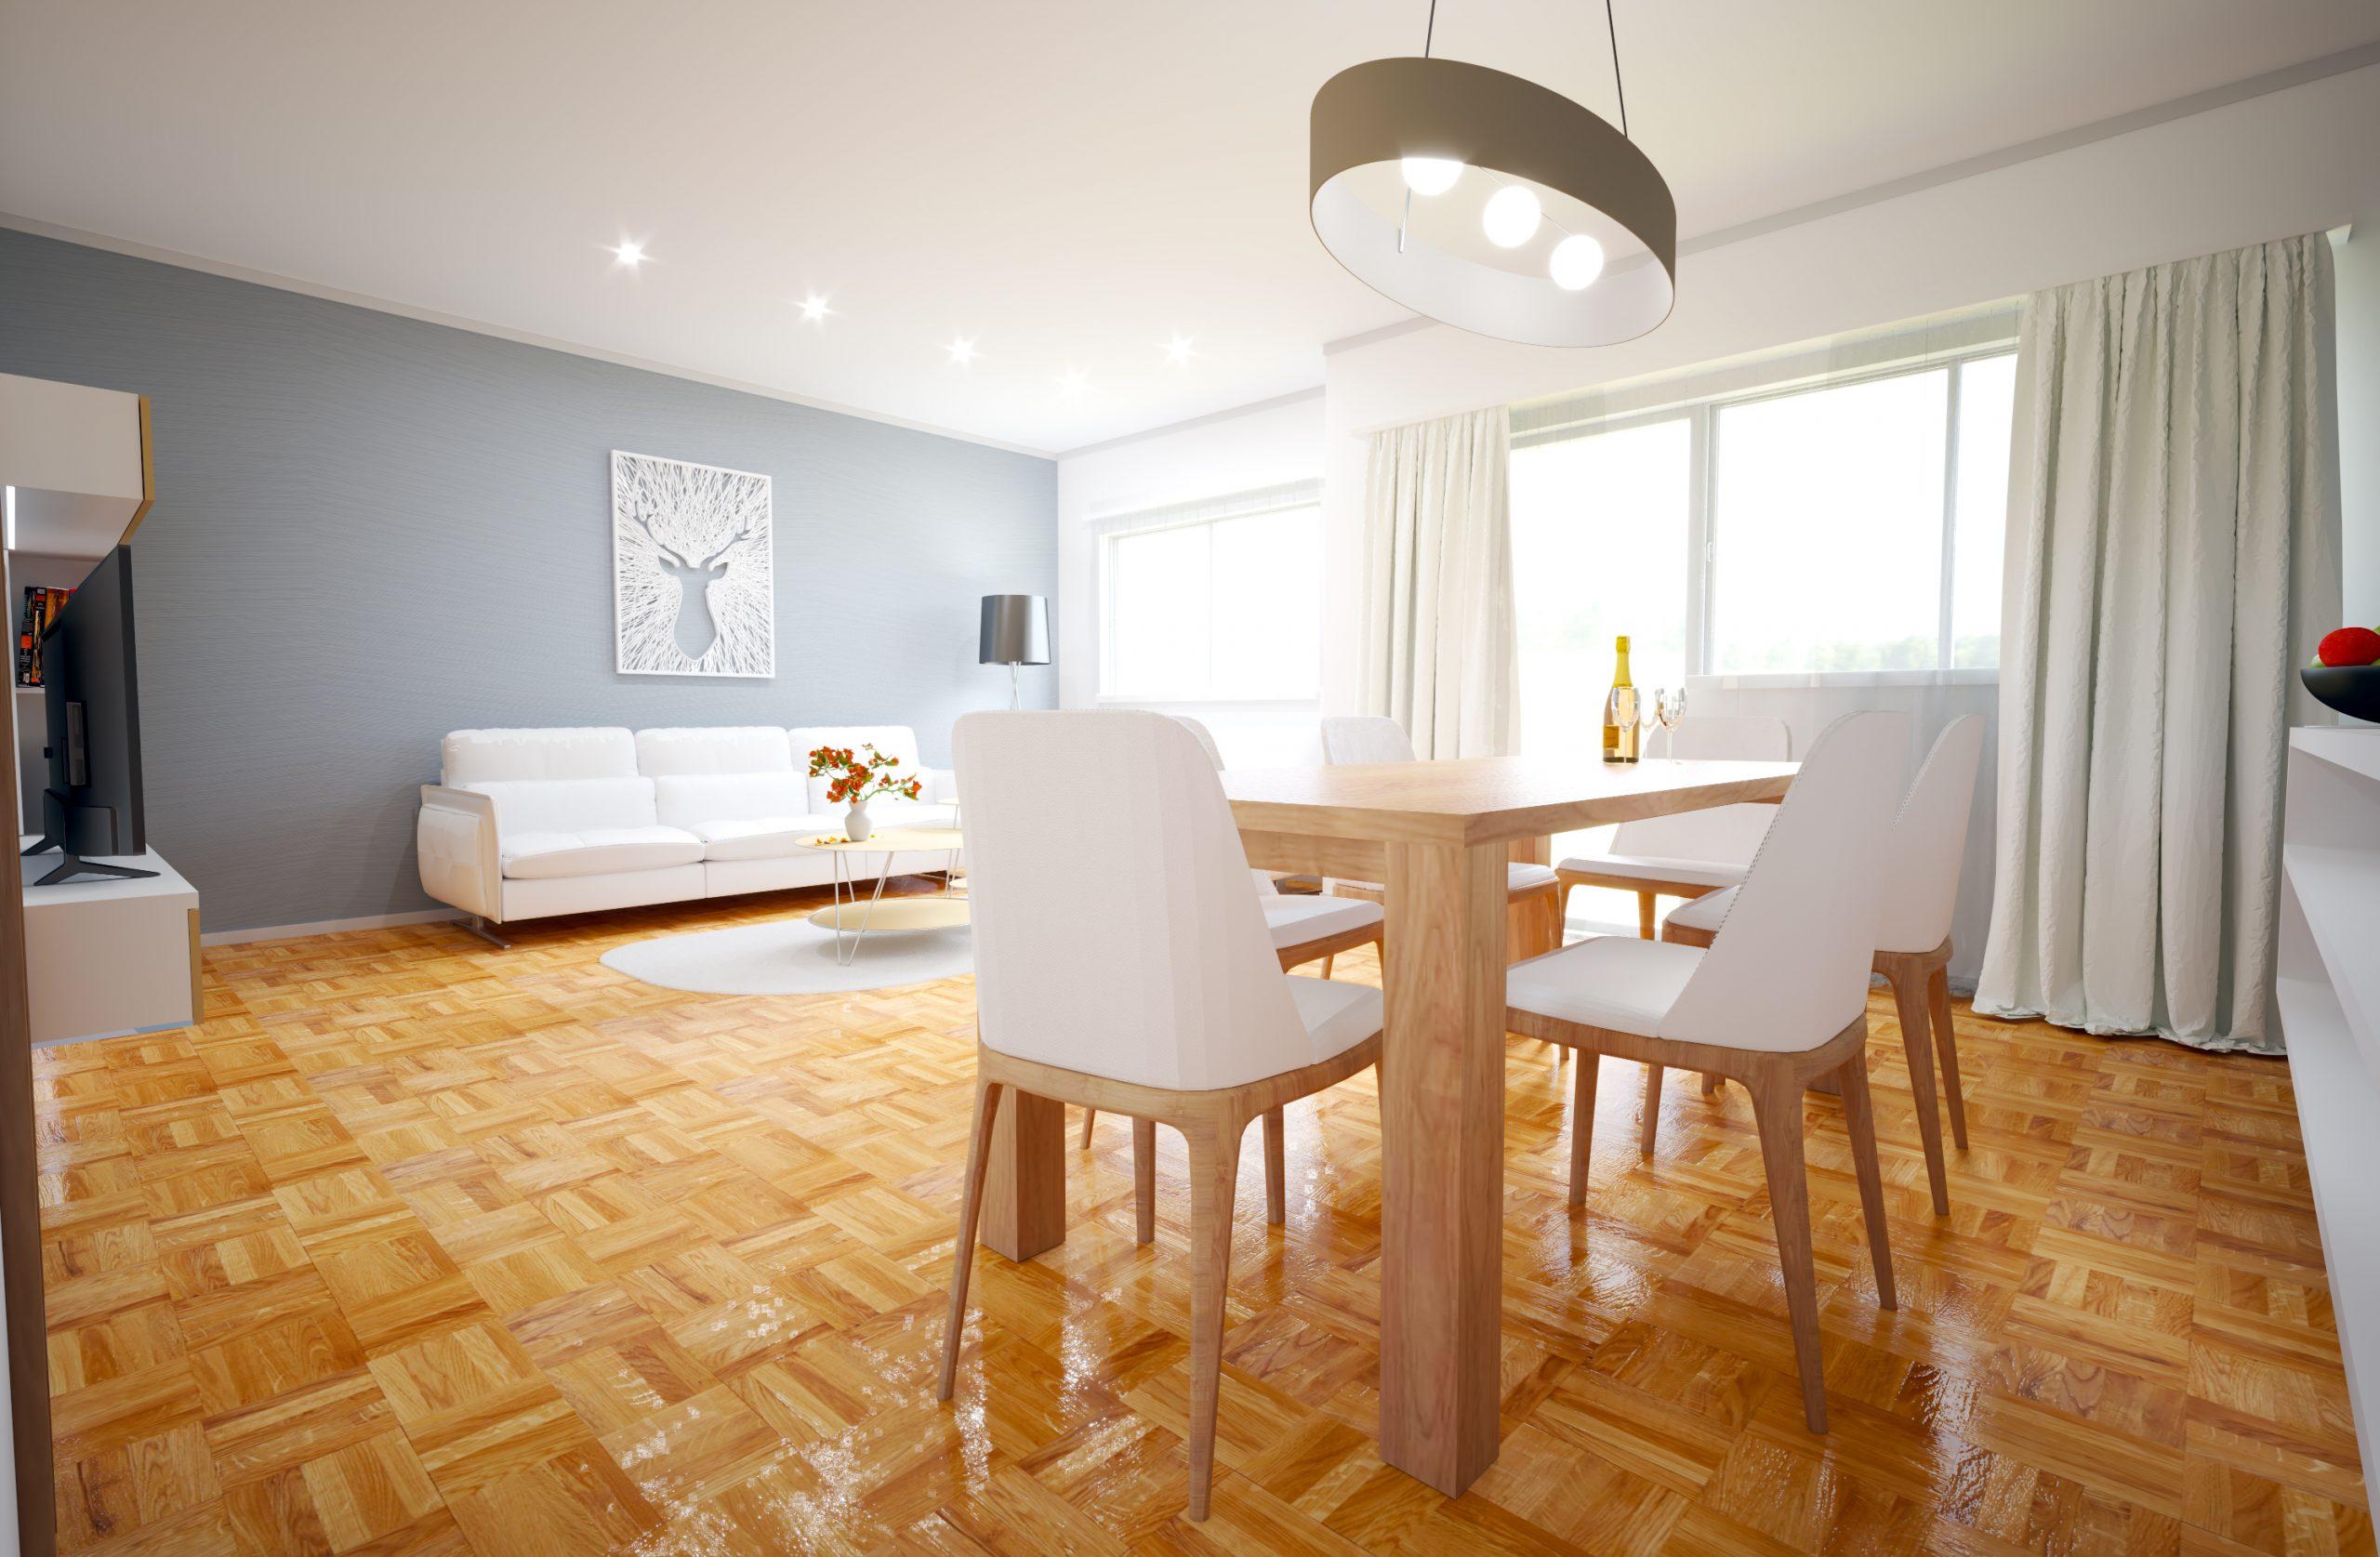 Návrh interiéru obývacej izby s jedálňou (White/Gray)